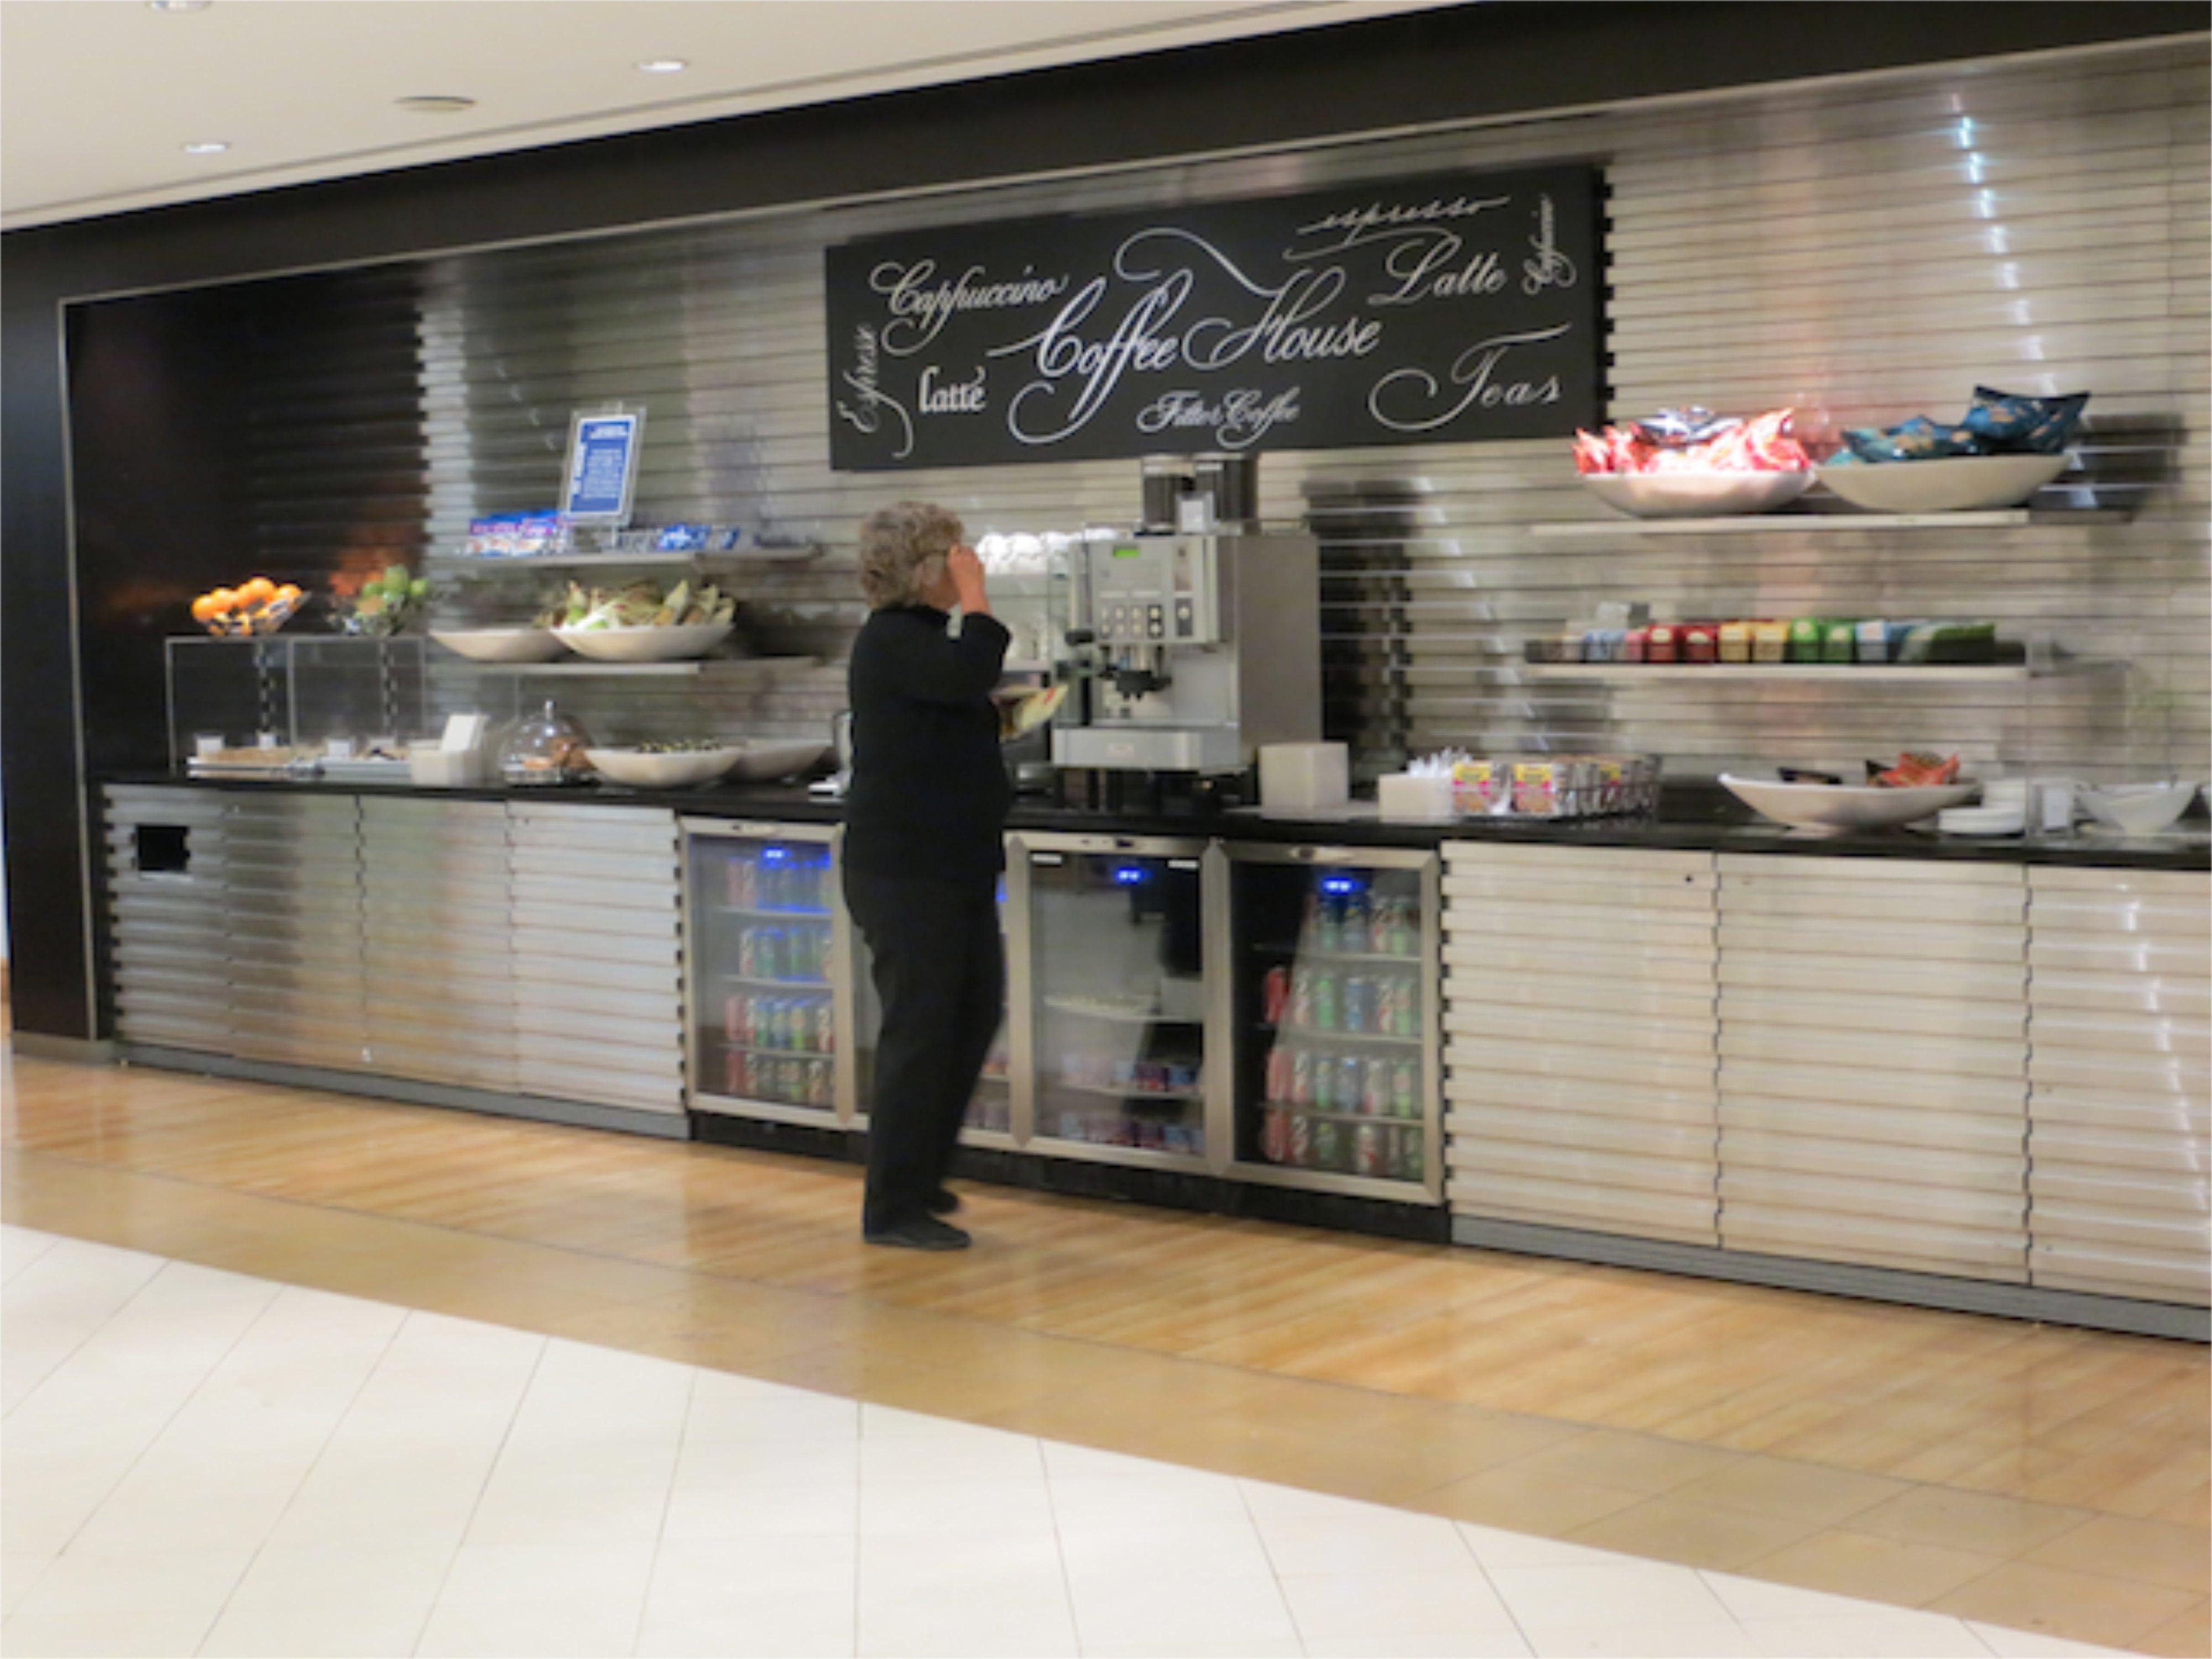 British Airways Galleries JFK Lounge - Cafe Refreshments